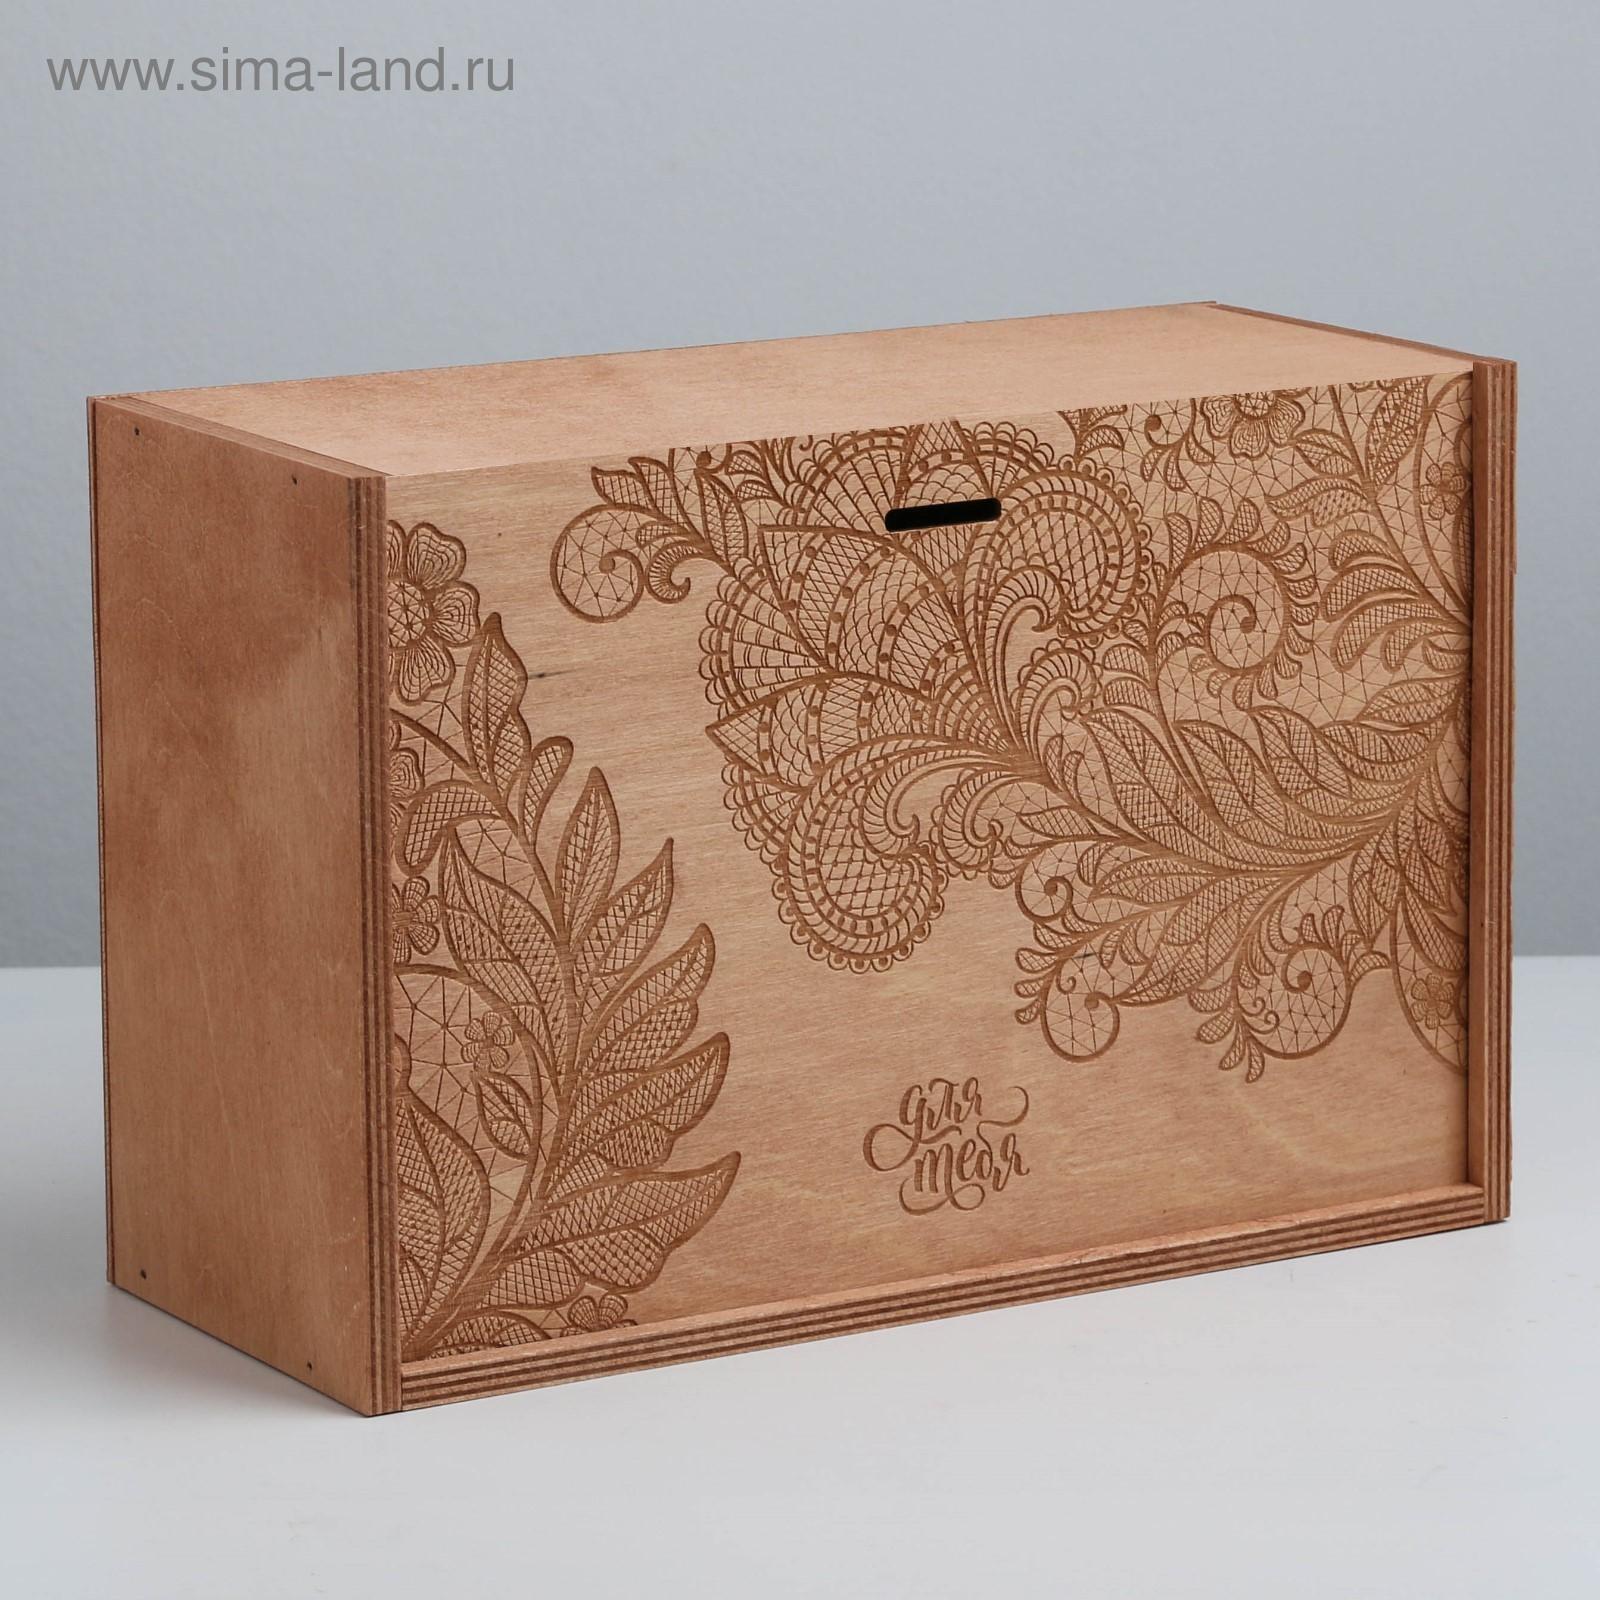 55292134f91ef Ящик подарочный деревянный «Для тебя», 20 × 30 × 12 см (3958367 ...